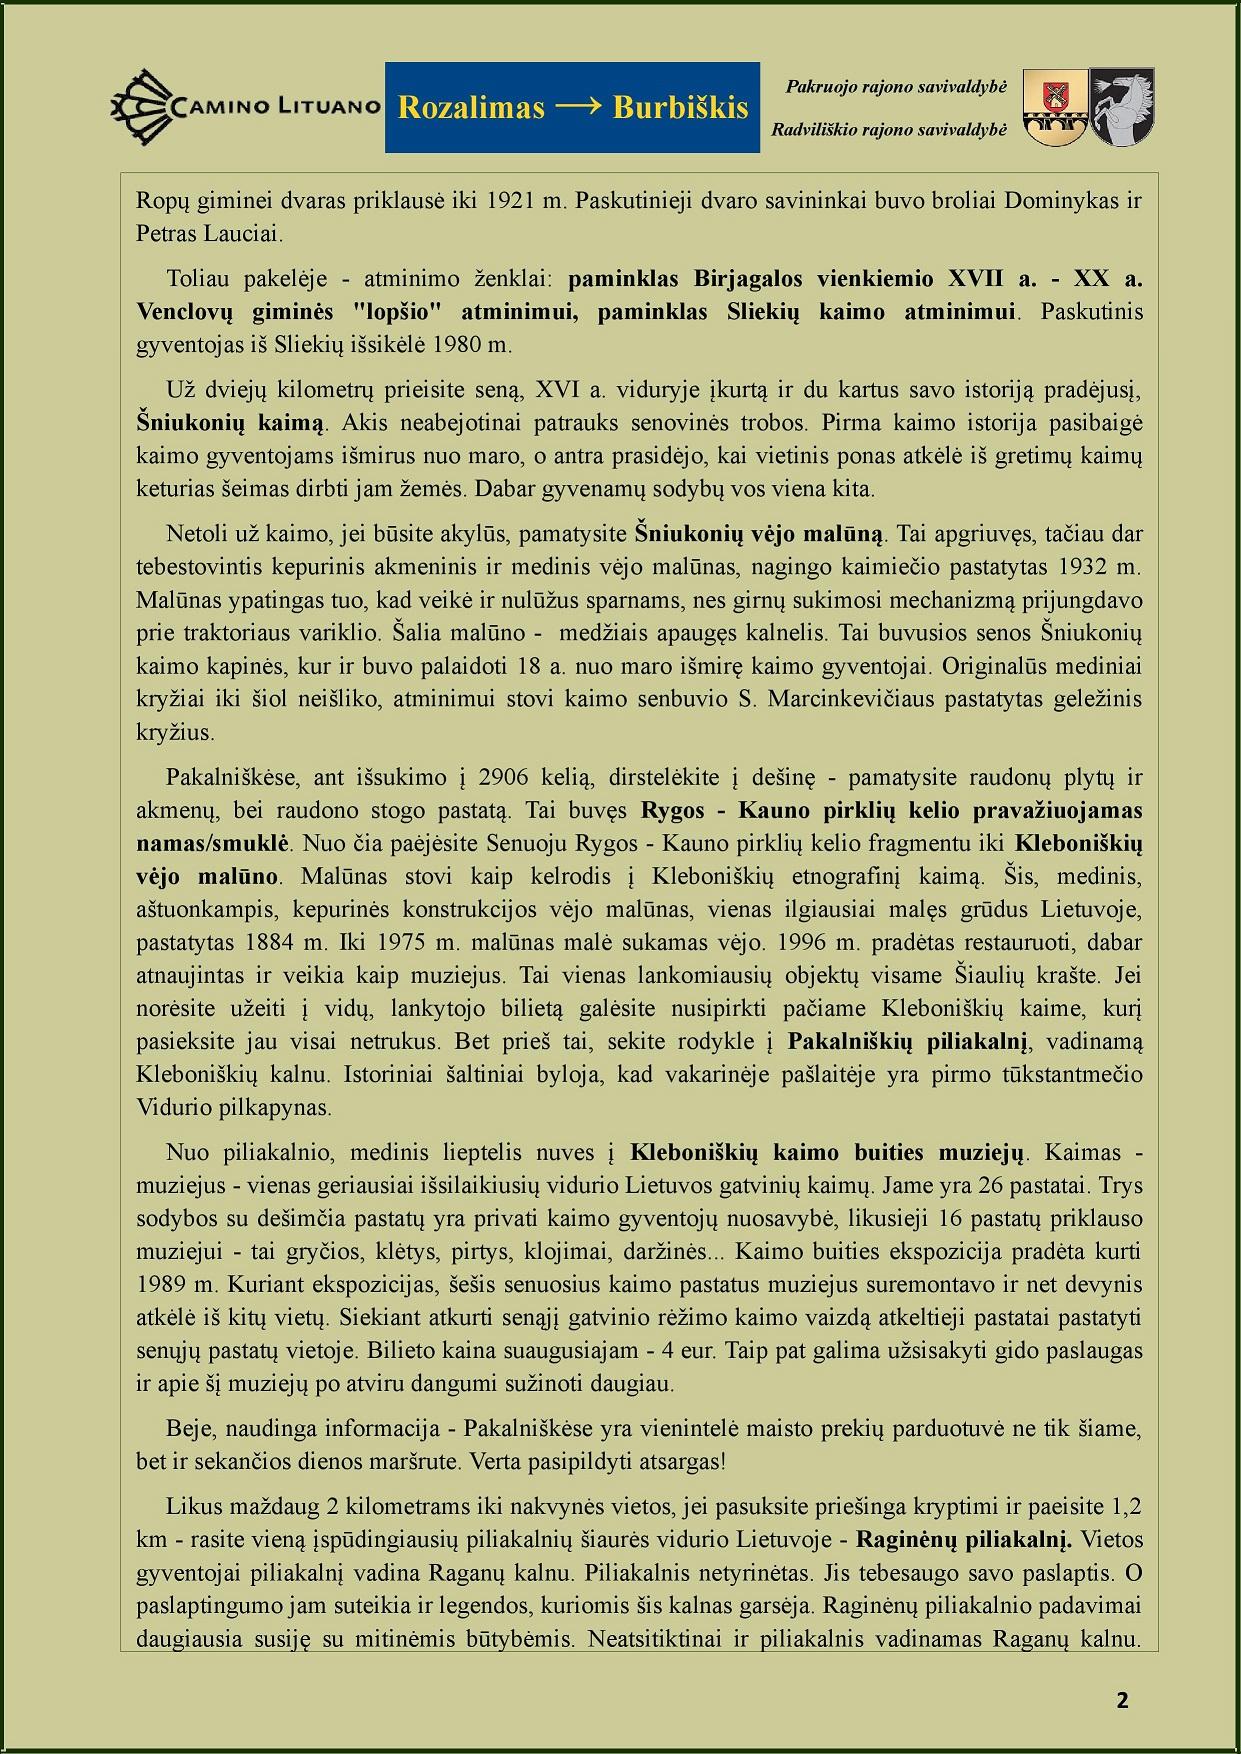 Rozalimas-Burbiskis_GIDAS_2